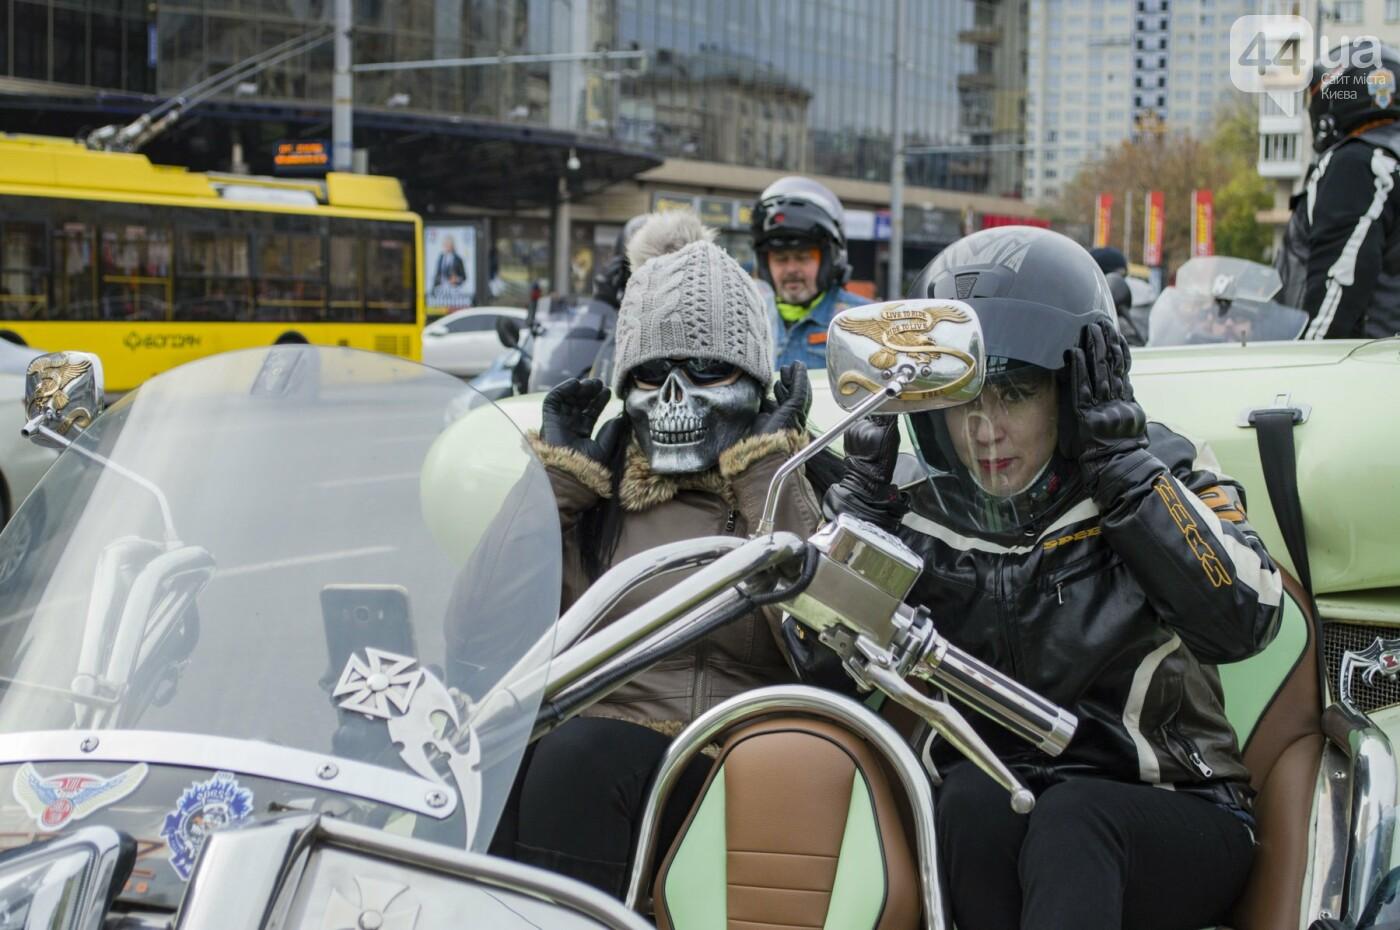 """От Бэтмена до ведьм: как """"нечисть"""" разъезжала на мотоциклах по центру Киева, фото-16"""